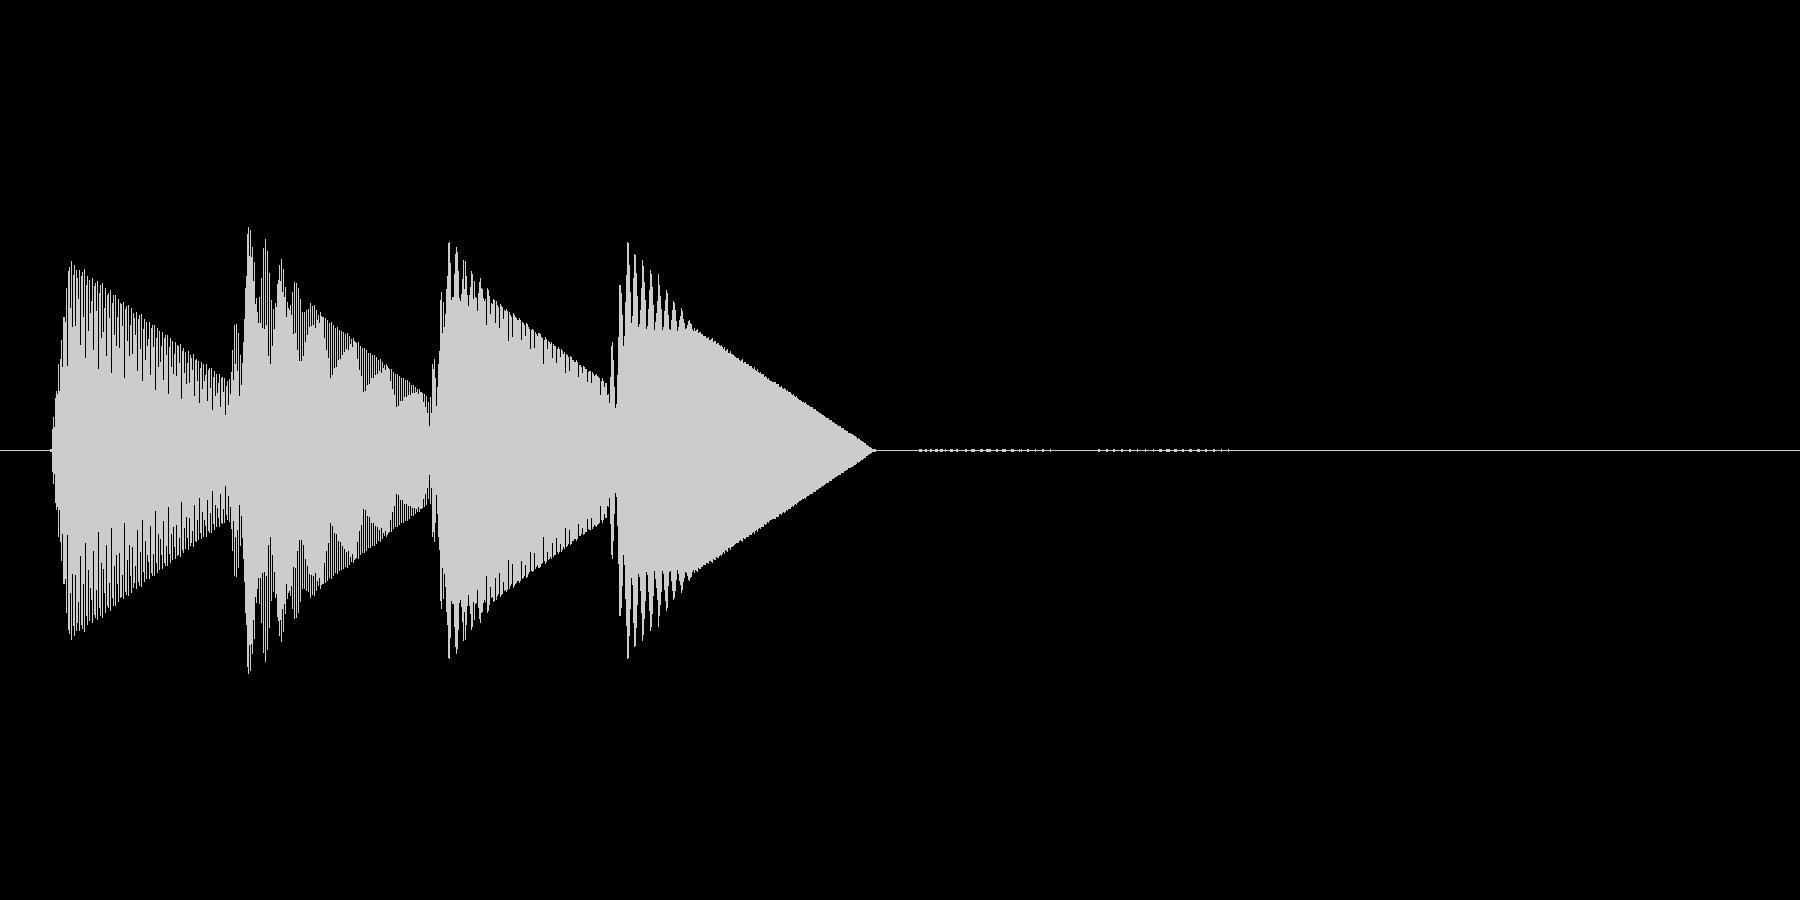 8bitのシステム音ピロロロン↑の未再生の波形